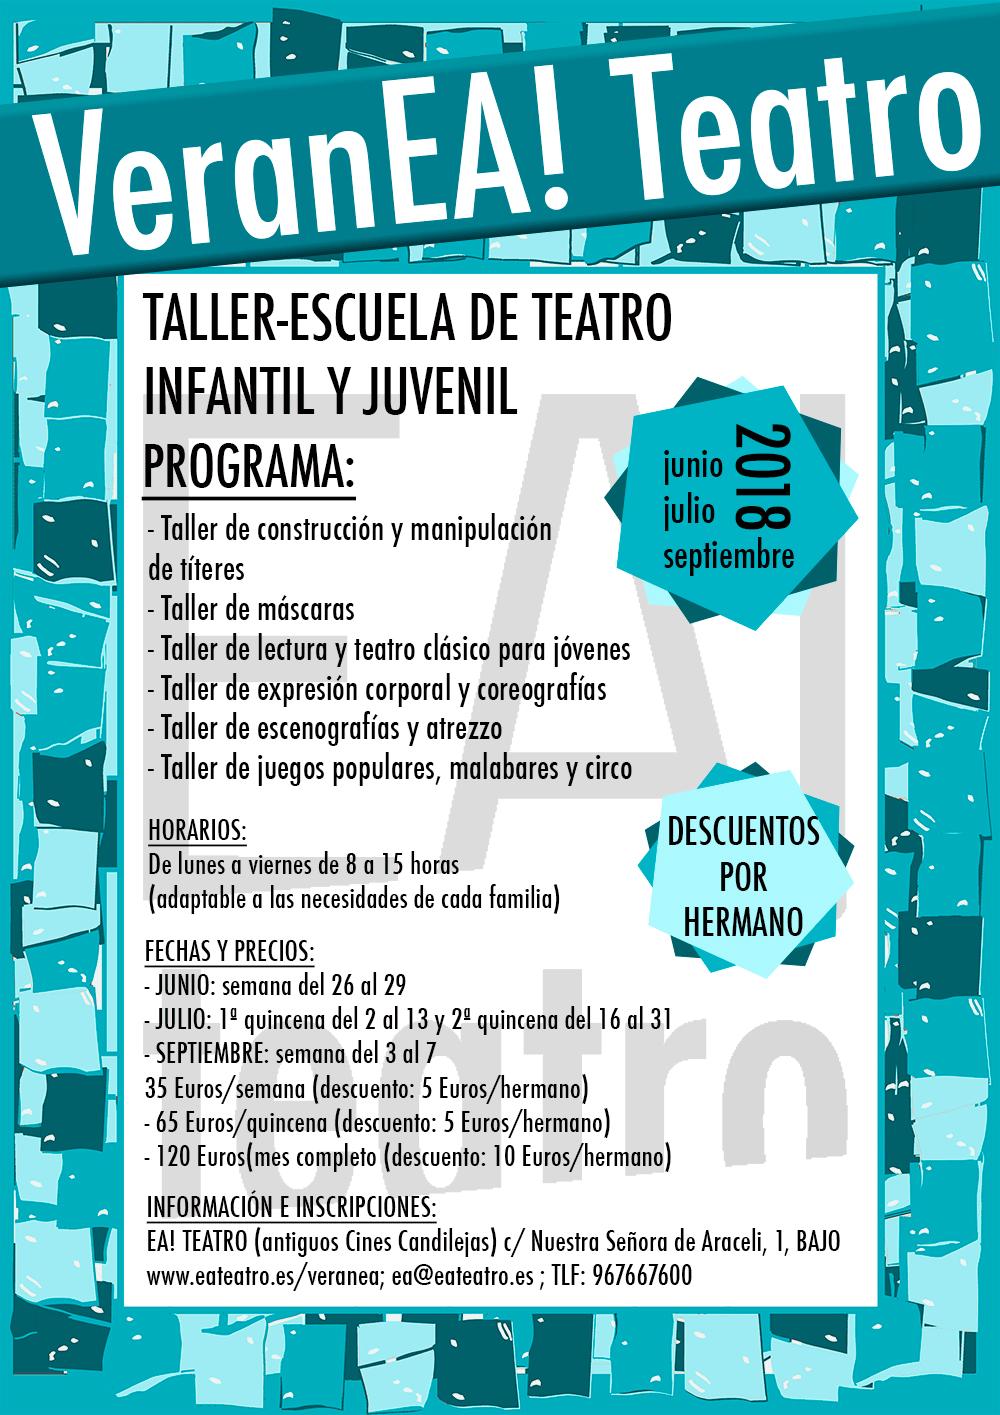 VeranEa! Teatro 2018